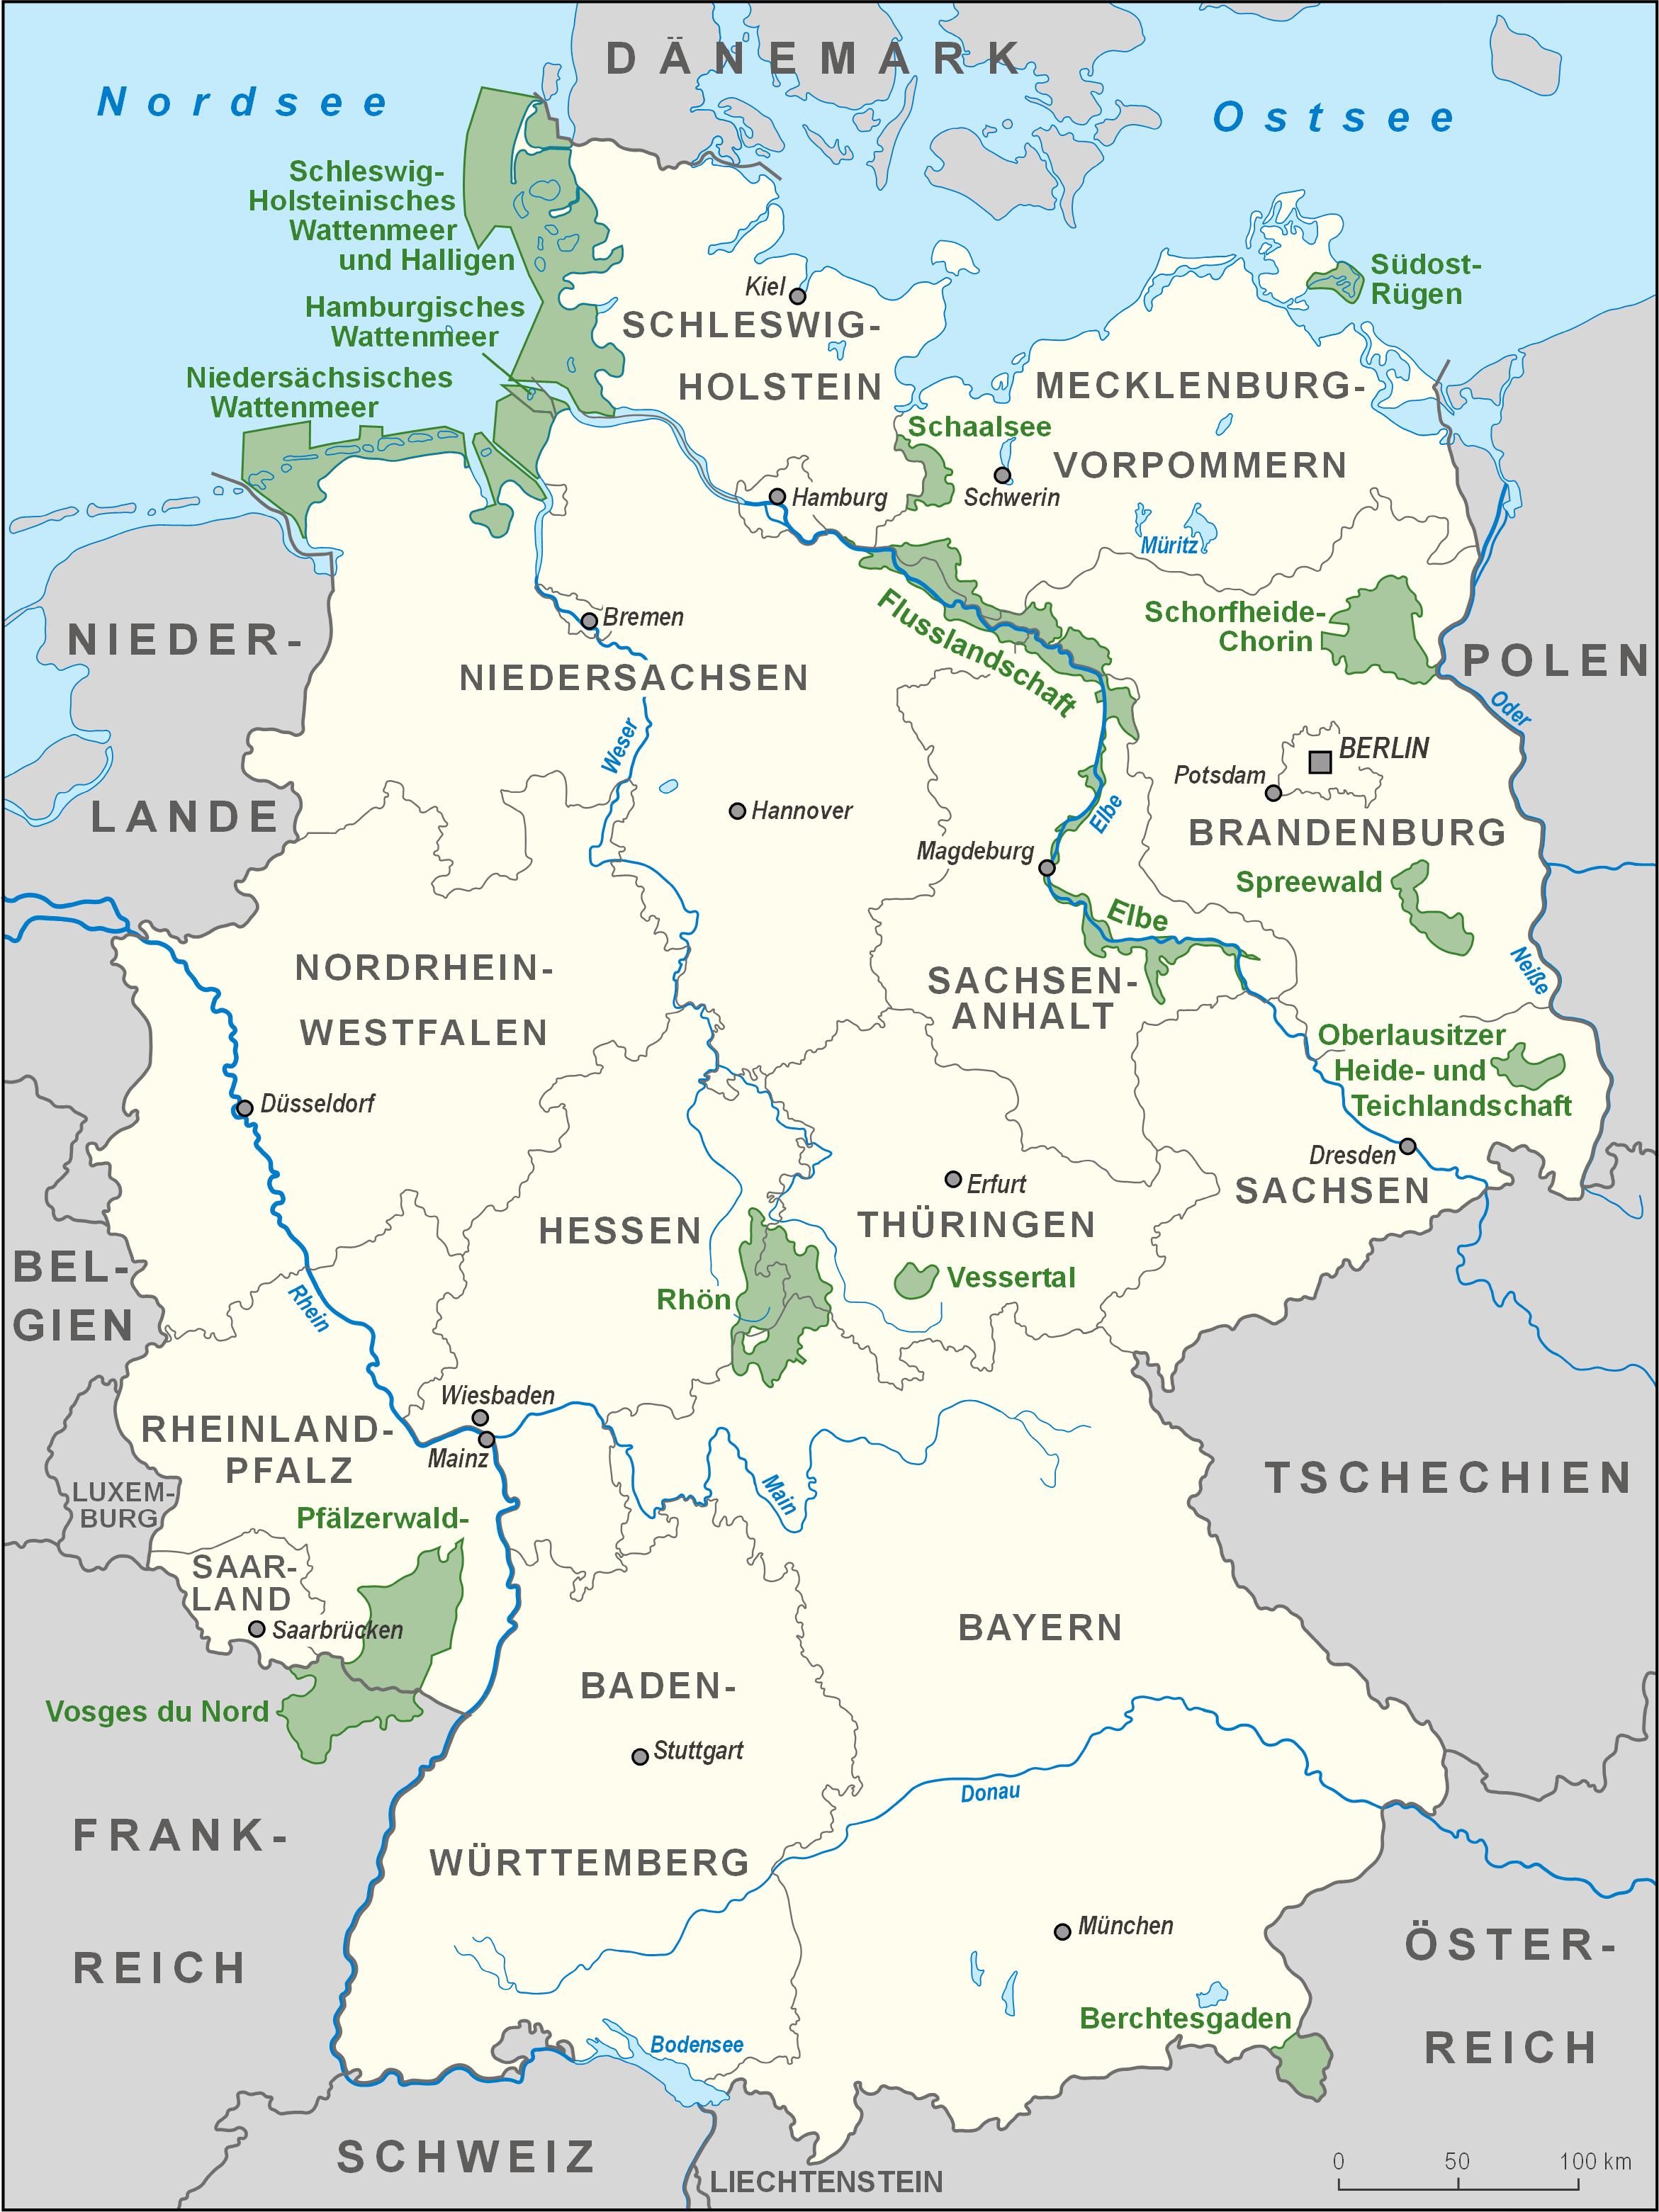 Biosphere Reserves in Germany 2008